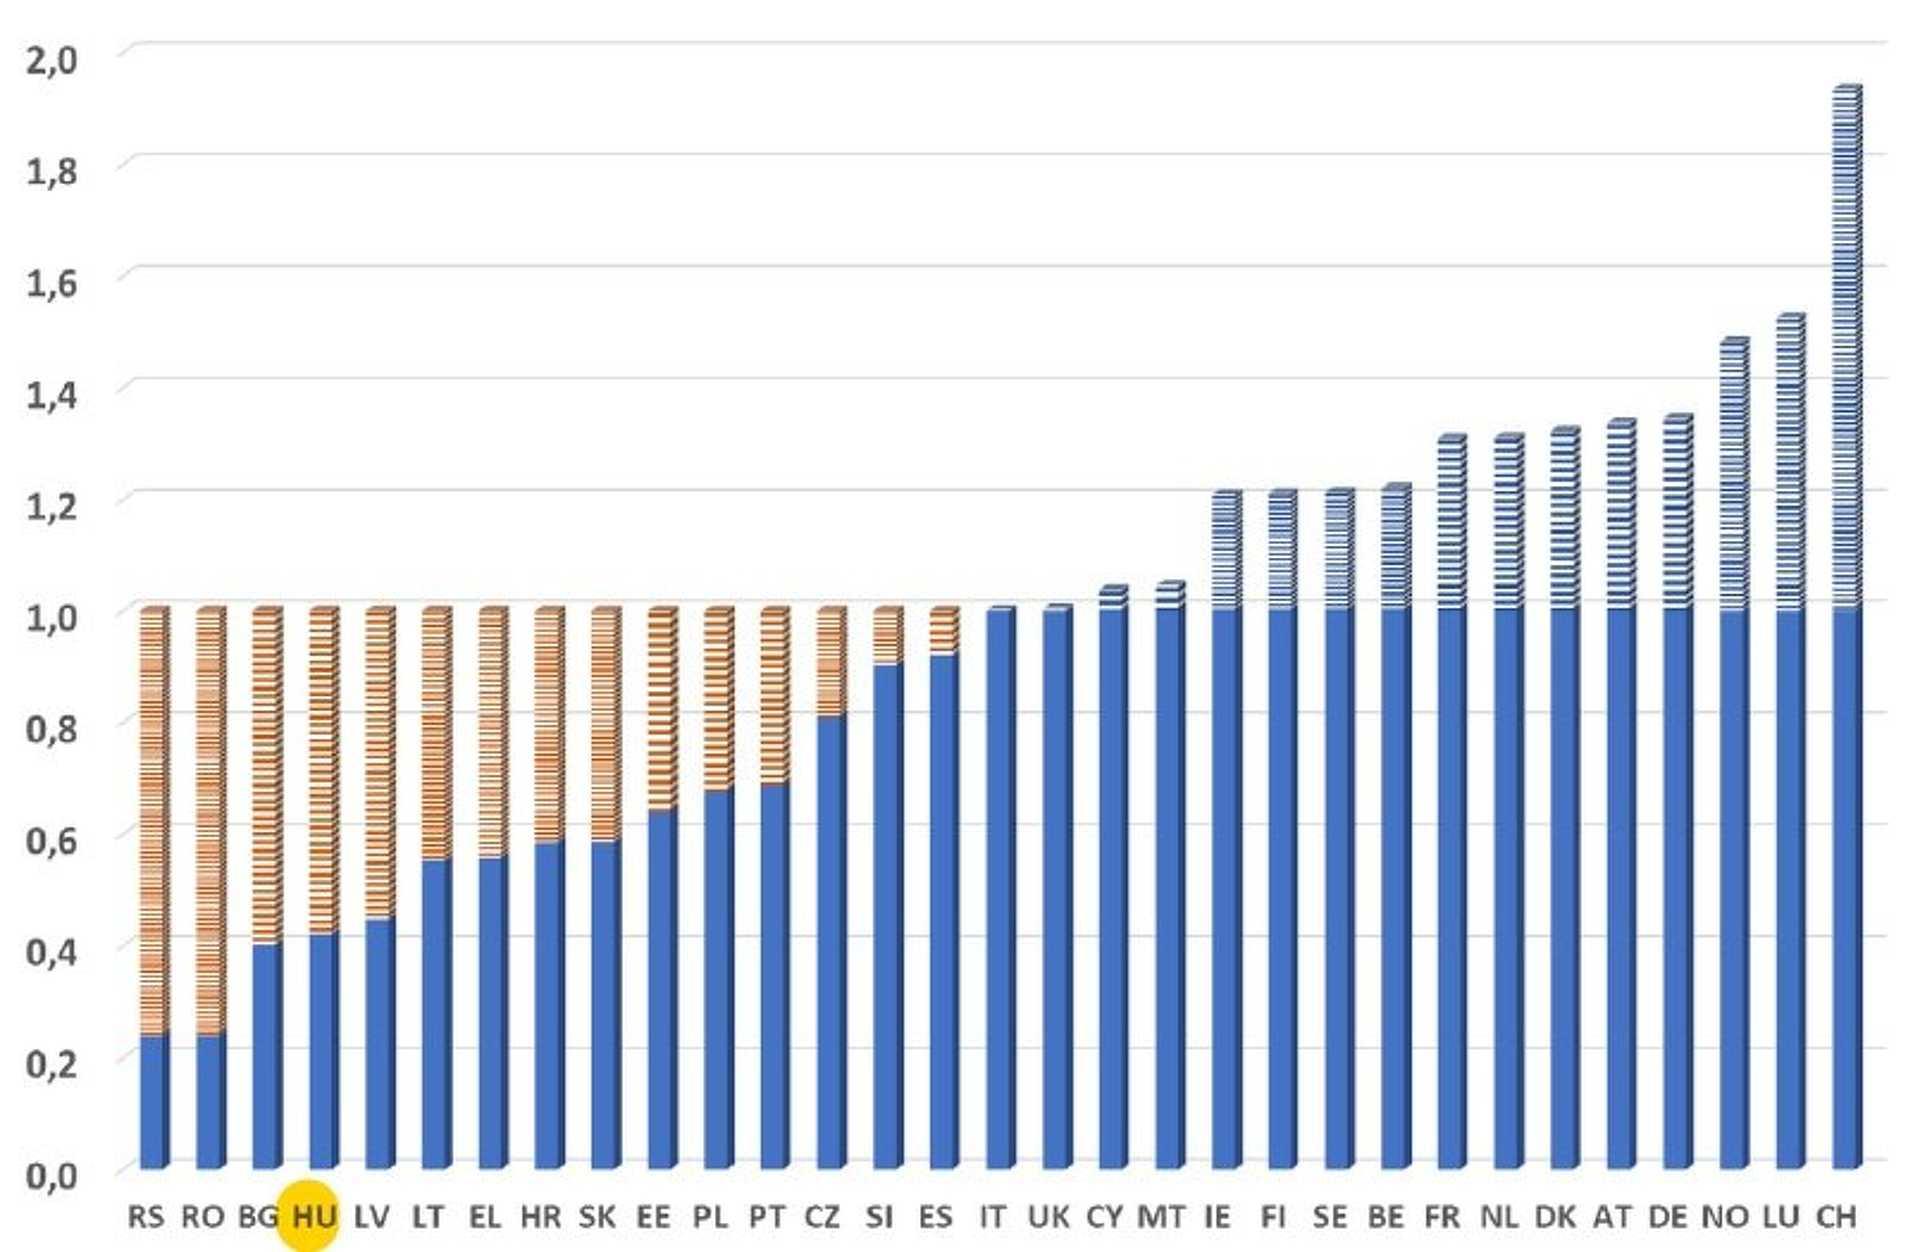 Az 1-es értéknél húzódik az összesített, uniós szegénységi küszöb. Az oszlopok azt mutatják, hogy az egyes országok hány százalékkal maradnak el ettől, vagy hány százalékkal haladják meg